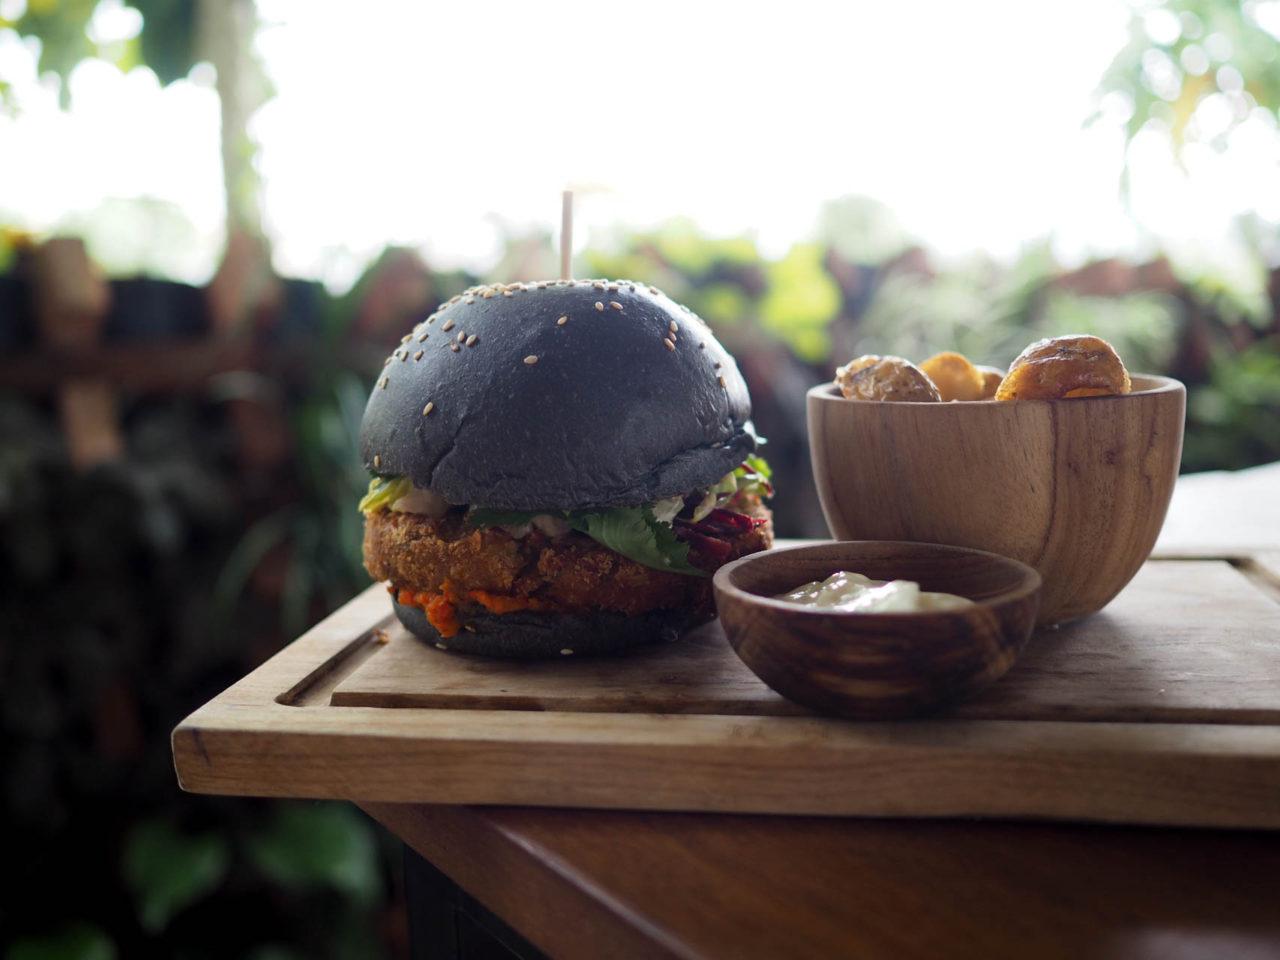 nude-vegan-burger-canggu-bali-guide-8